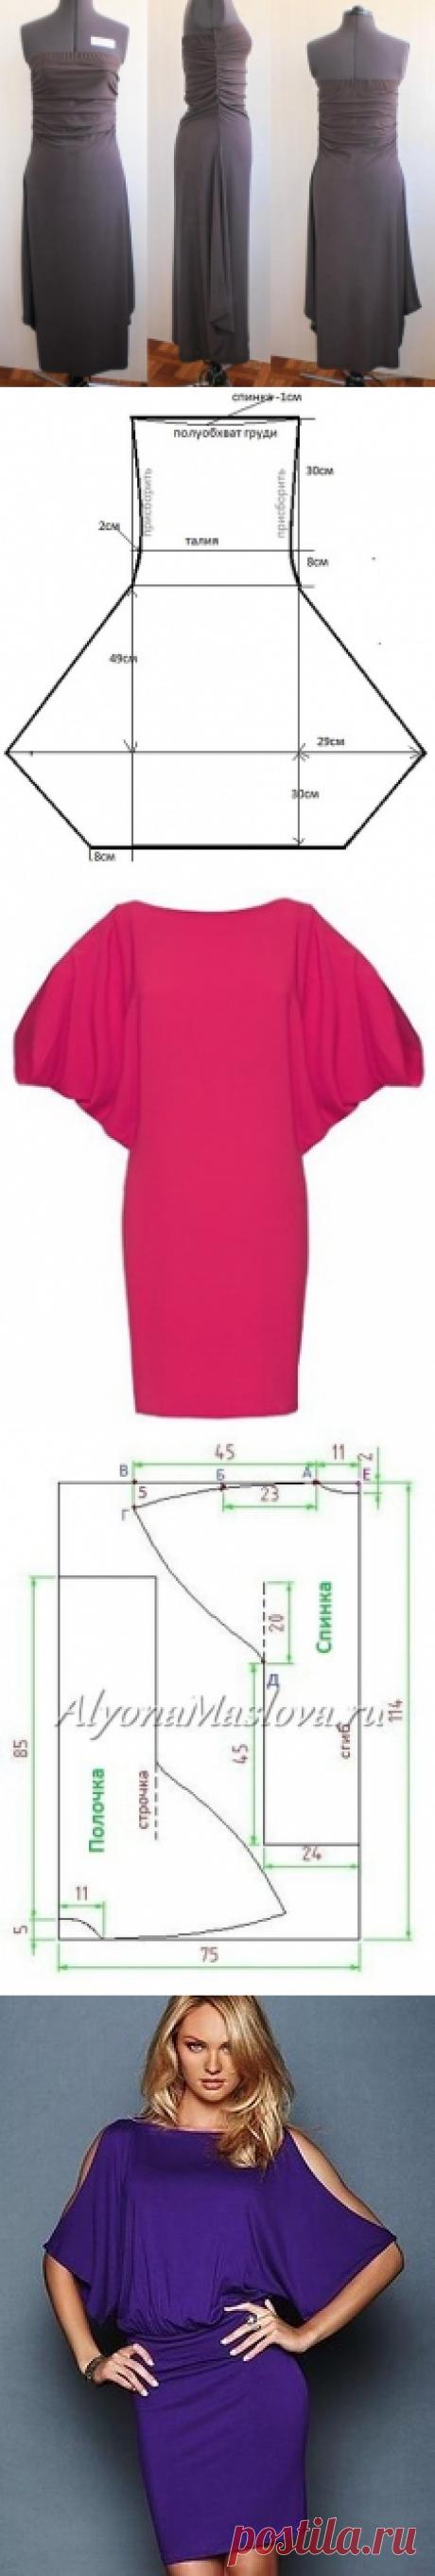 Платье+выкройка .(27 часть)